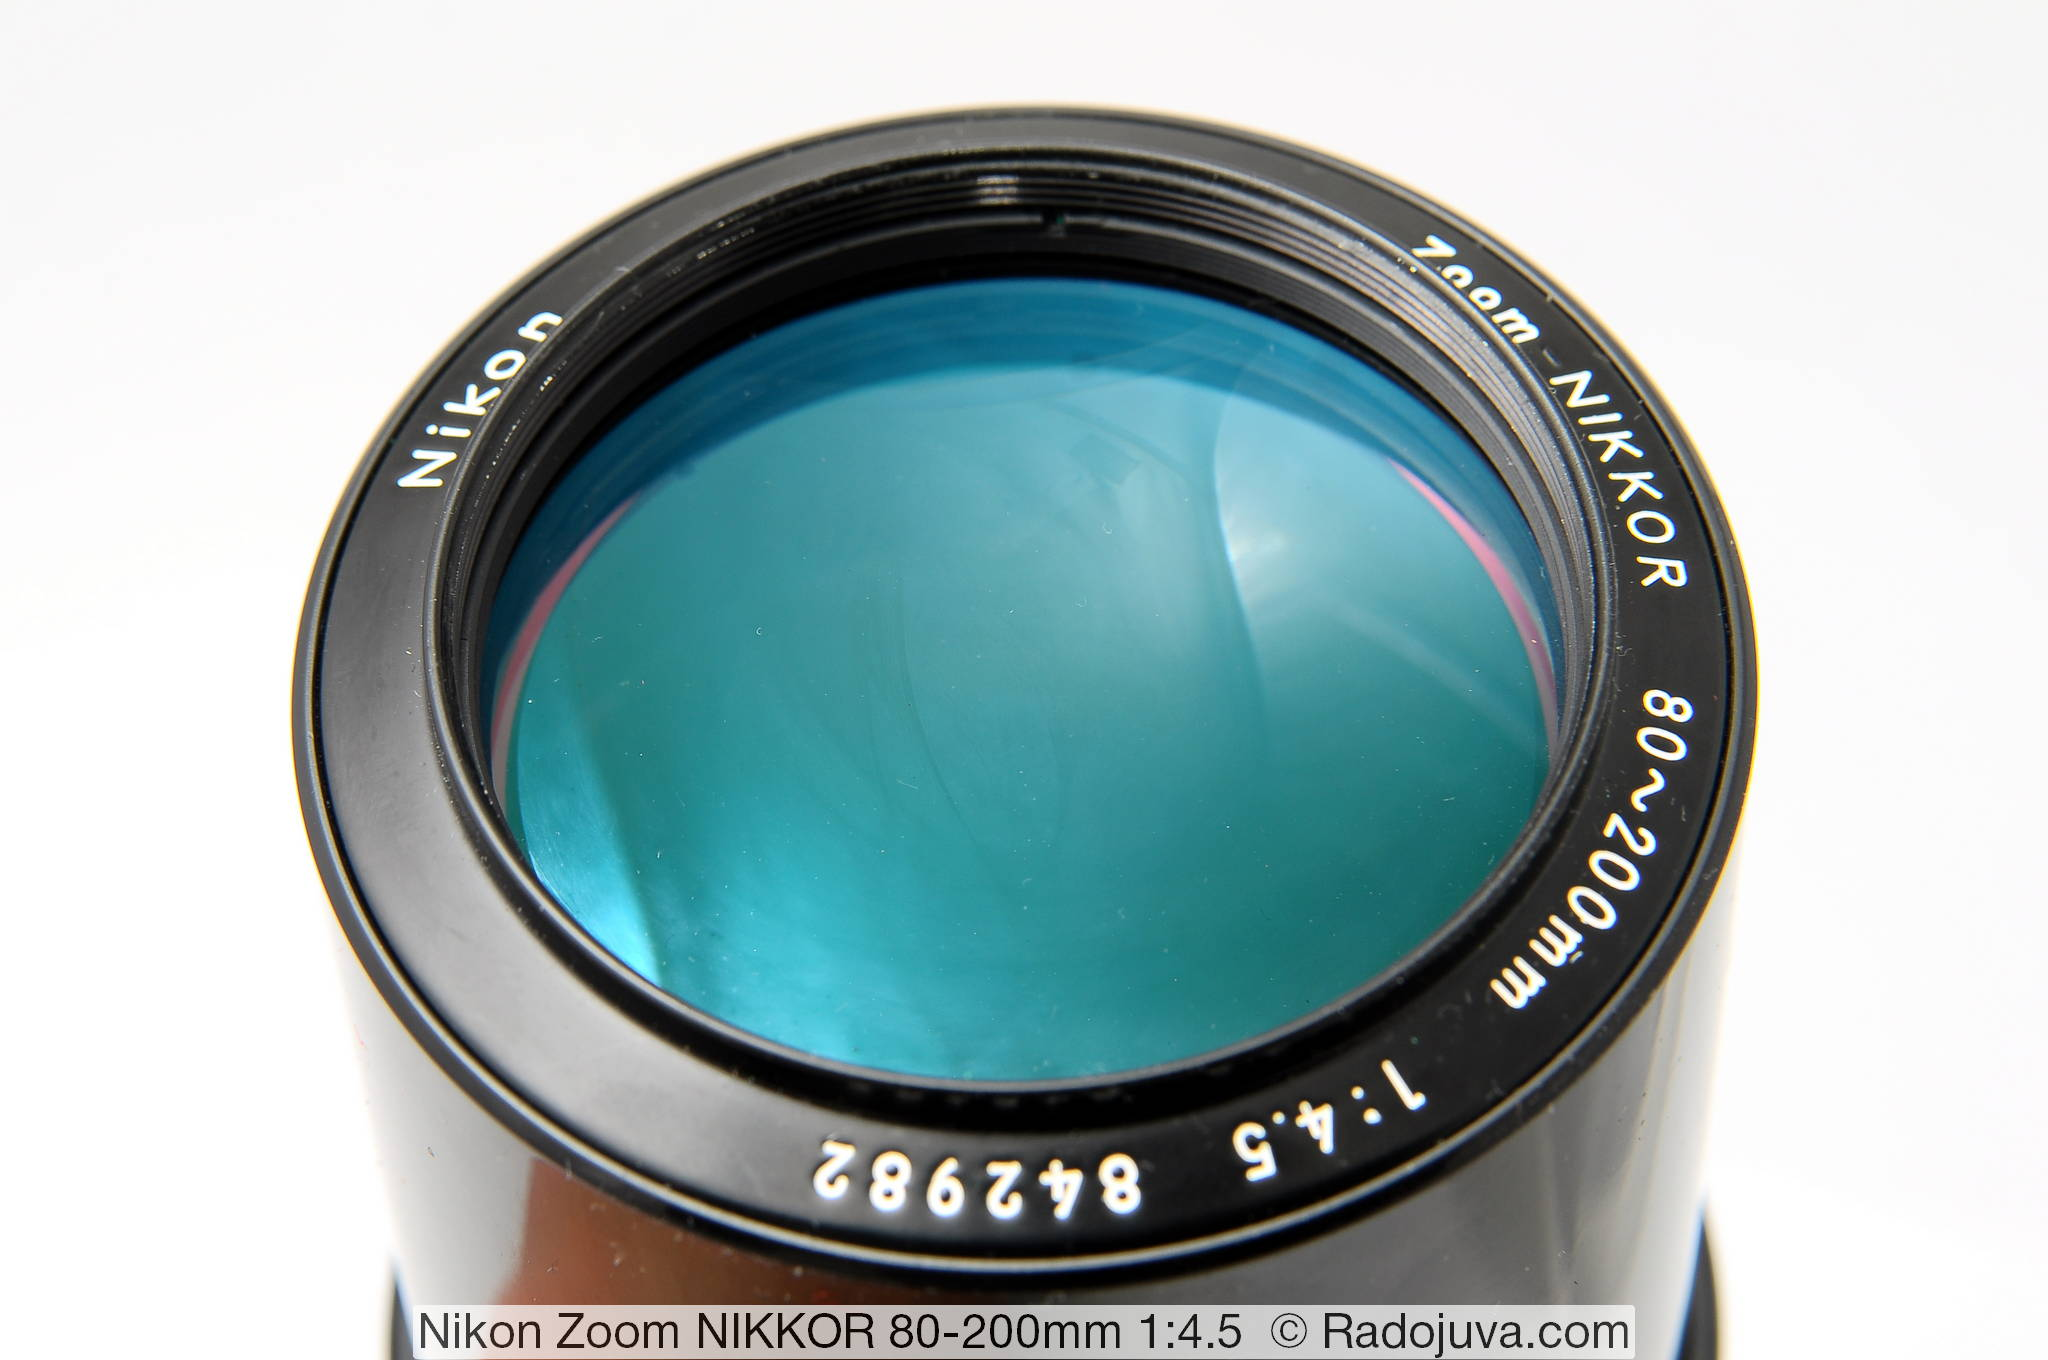 Просветление передней линзы Nikon Zoom NIKKOR 80-200mm 1:4.5 (AI, MKII)